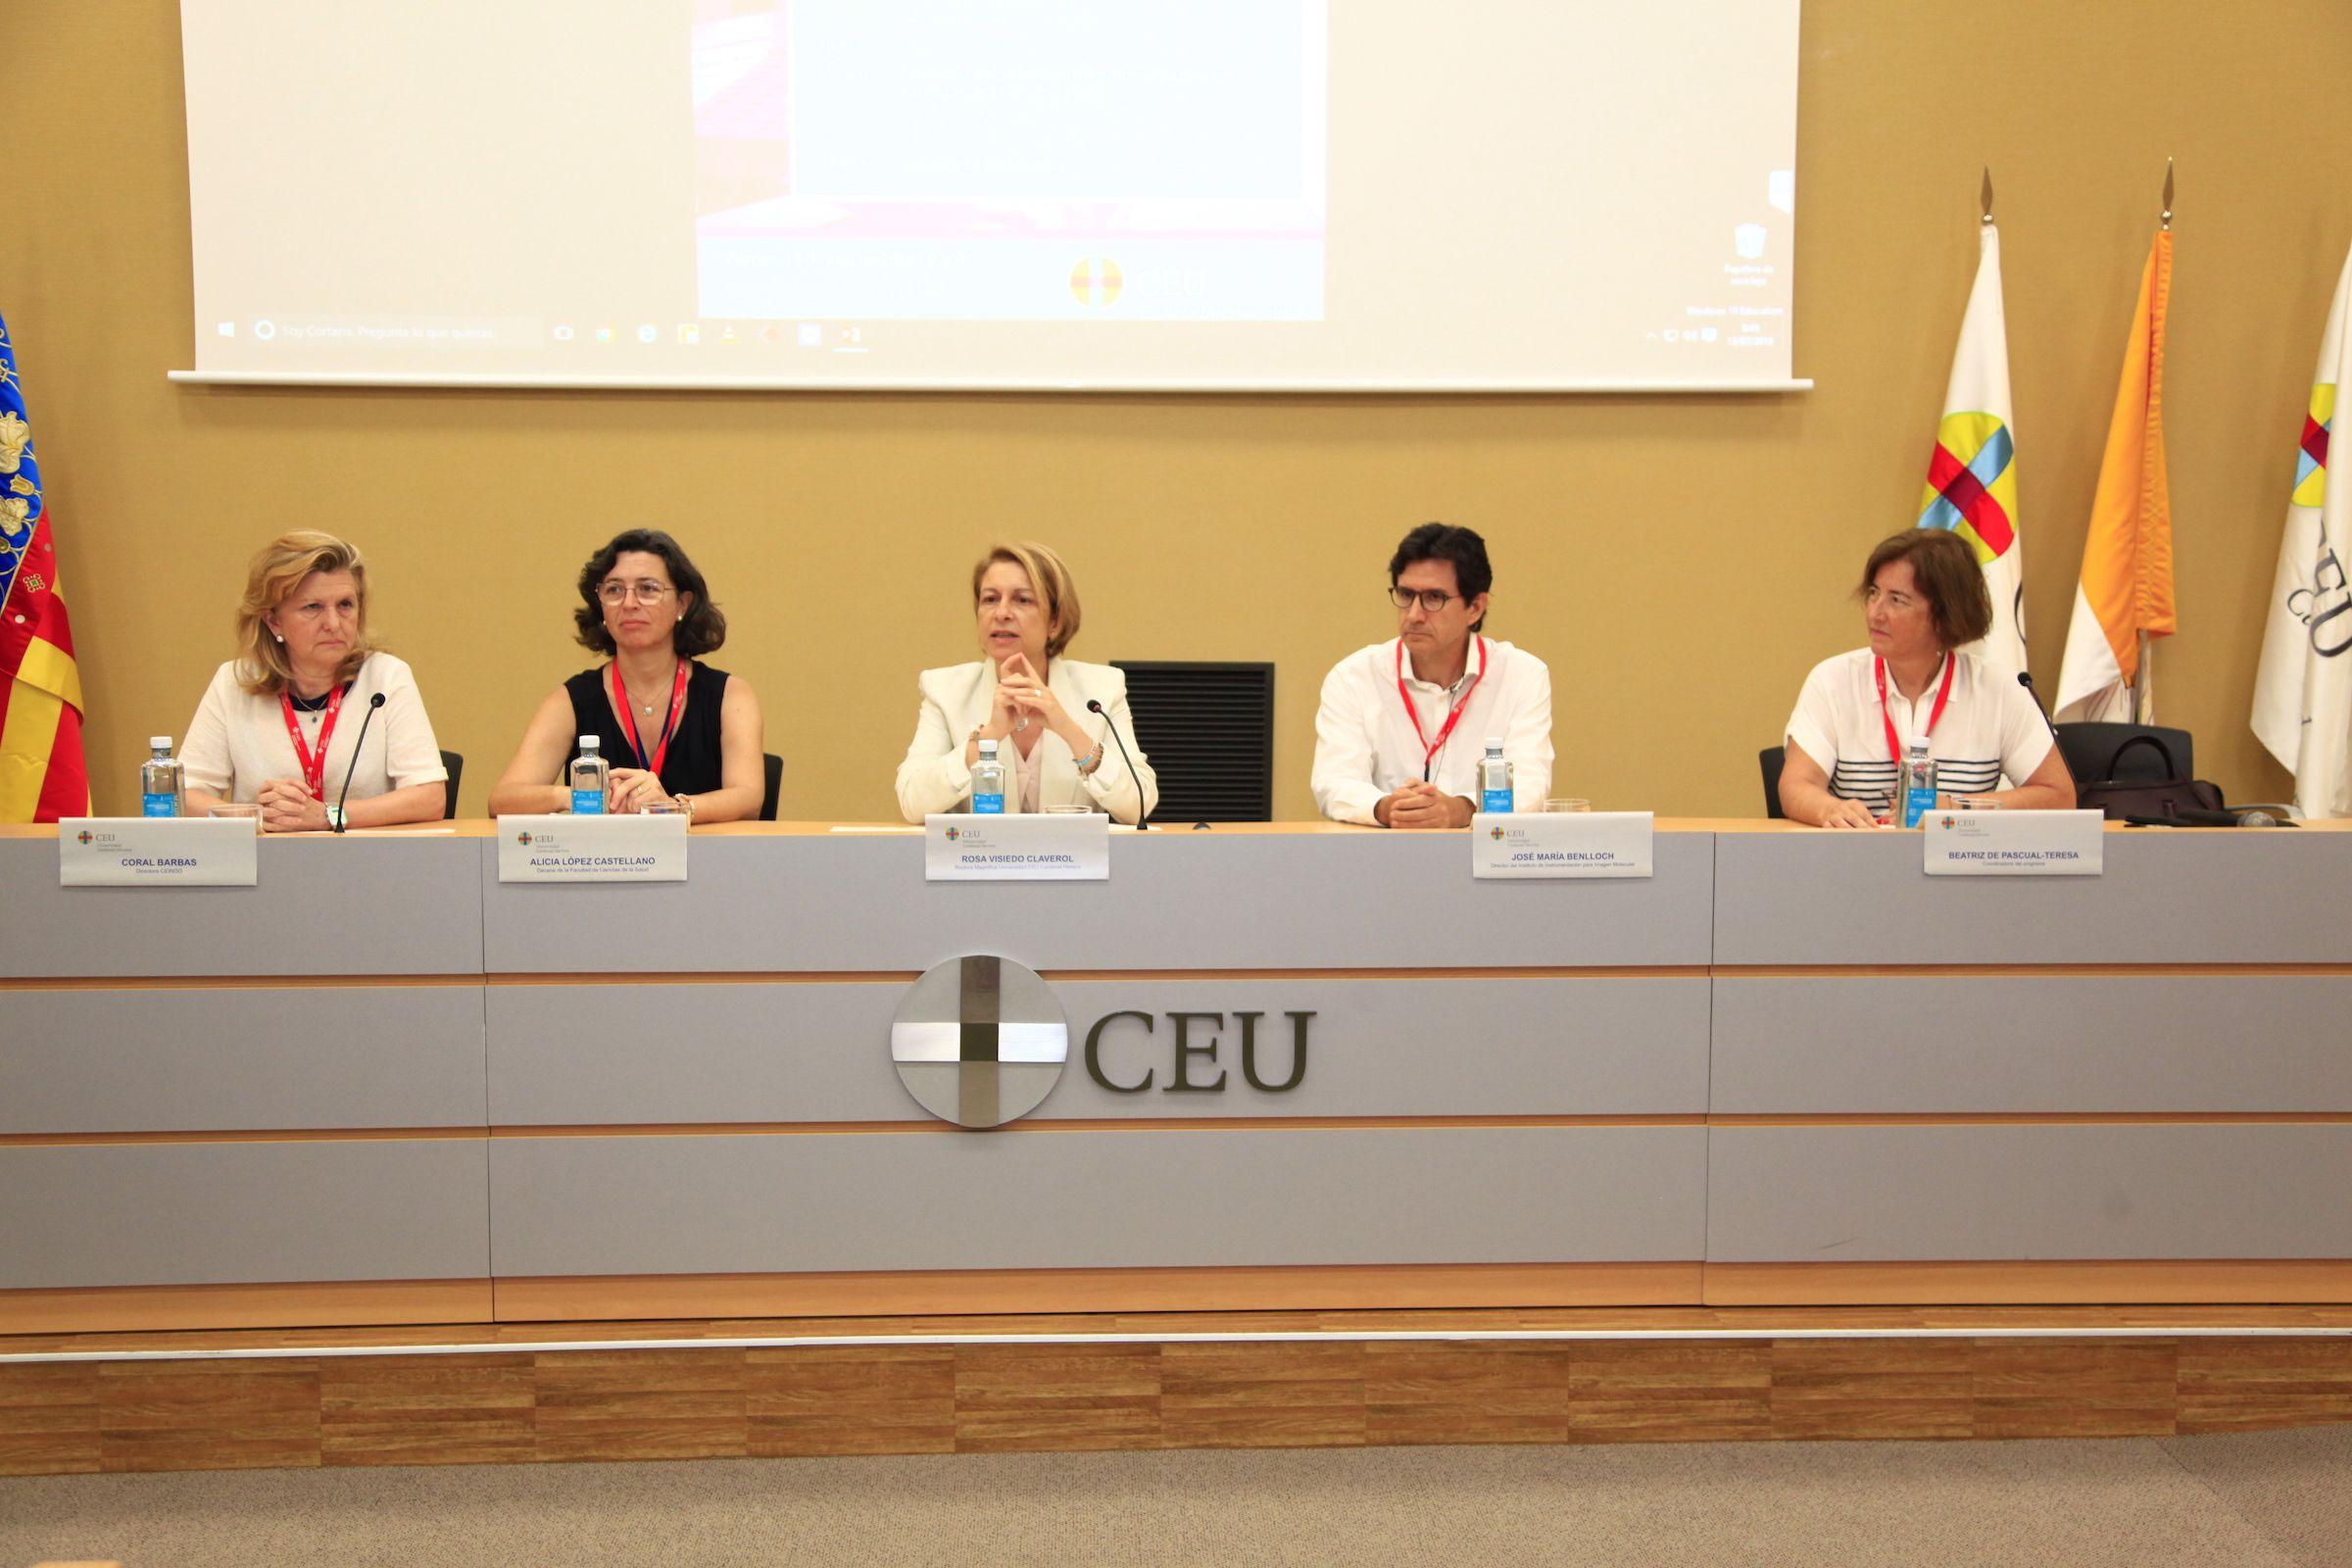 Coral Barbas, Alicia López, Rosa Visiedo, José María Benlloch y Beatriz de Pascual-Teresa, en la inauguración de las Jornadas.